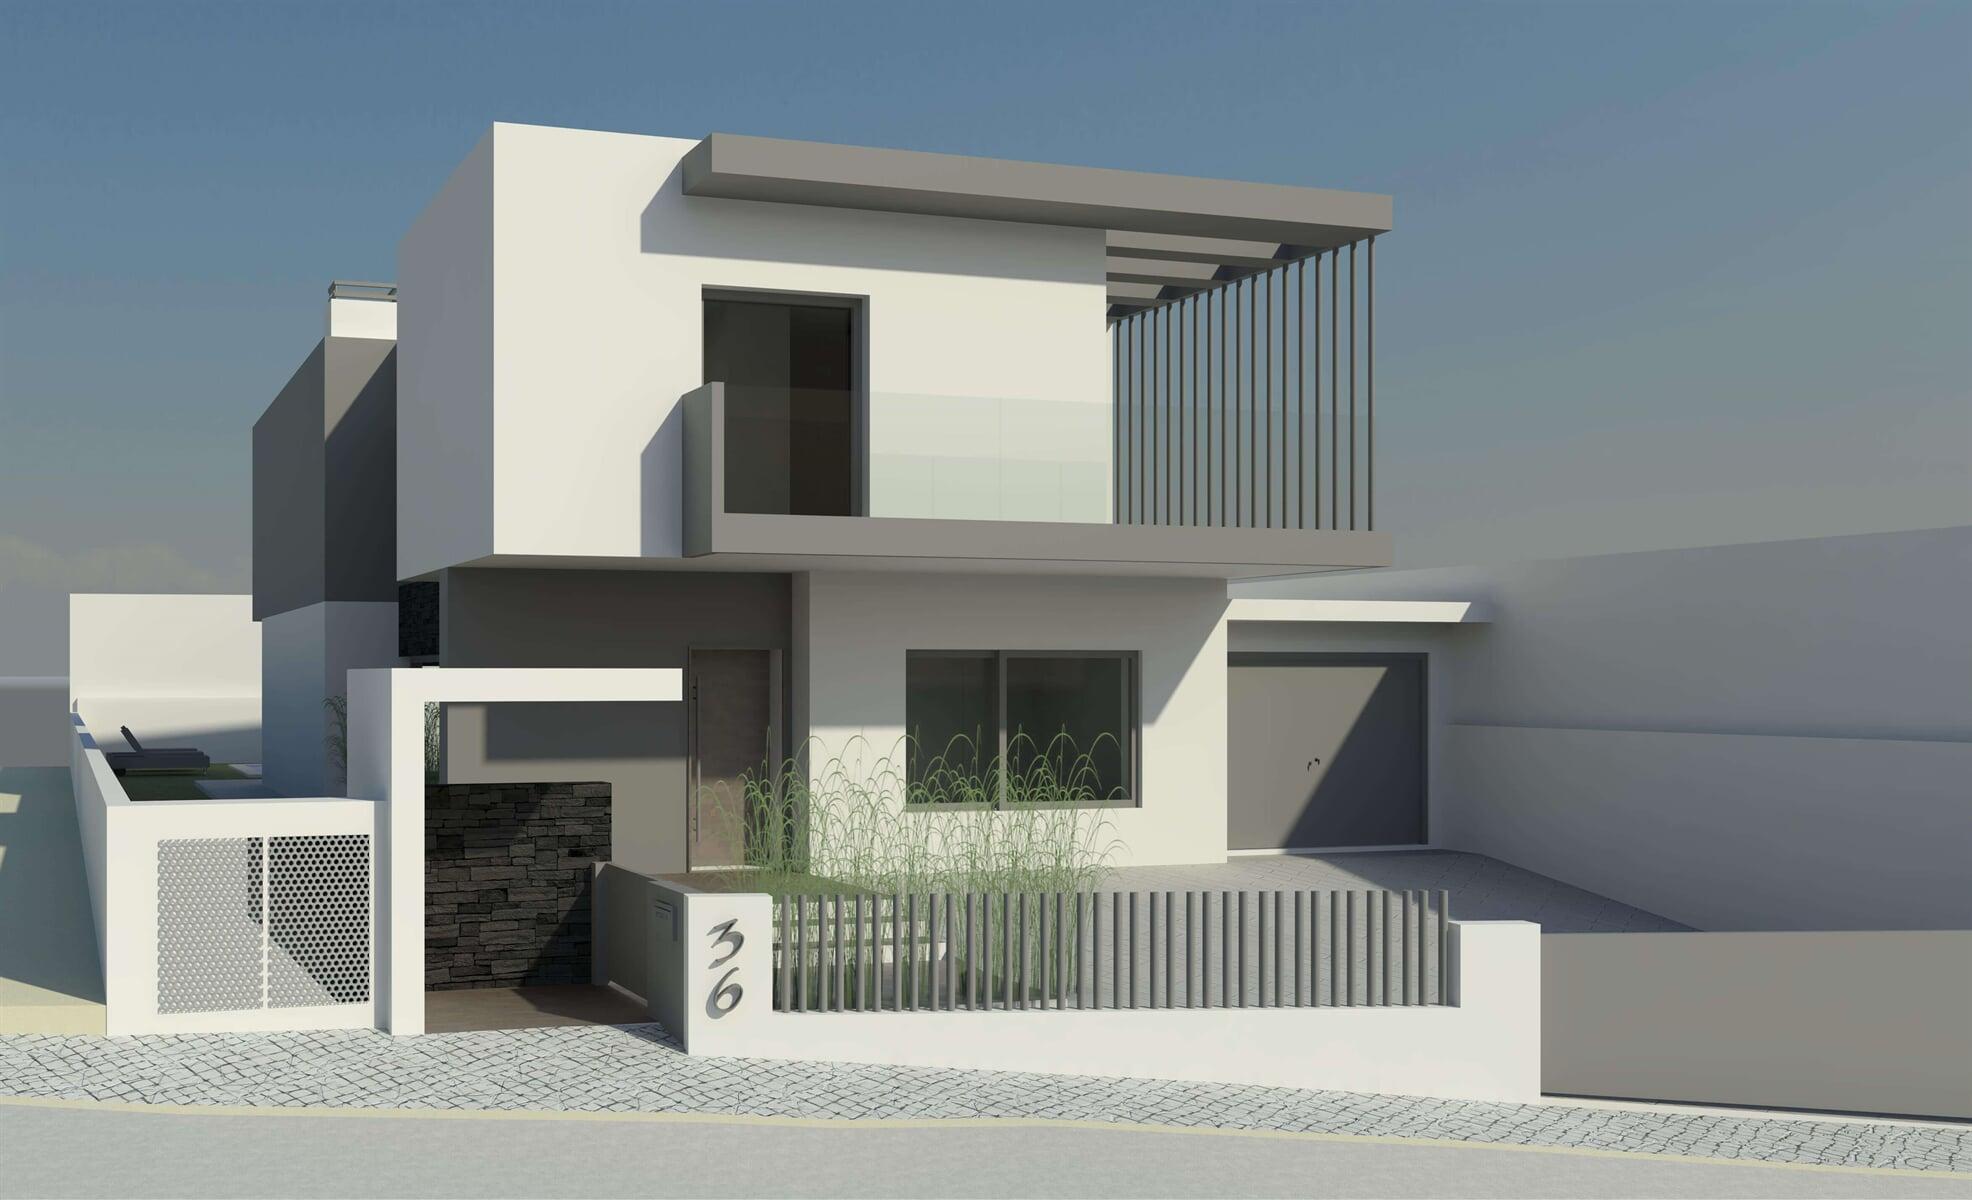 Gabinete de Arquitectura em Almada - Carlos Alberto Gomes ArquitectosProjectos de Arquitectura Habitacionais Projetos de Equipamentos e Serviços Carlos Alberto Gomes Arquitectos Associados 12